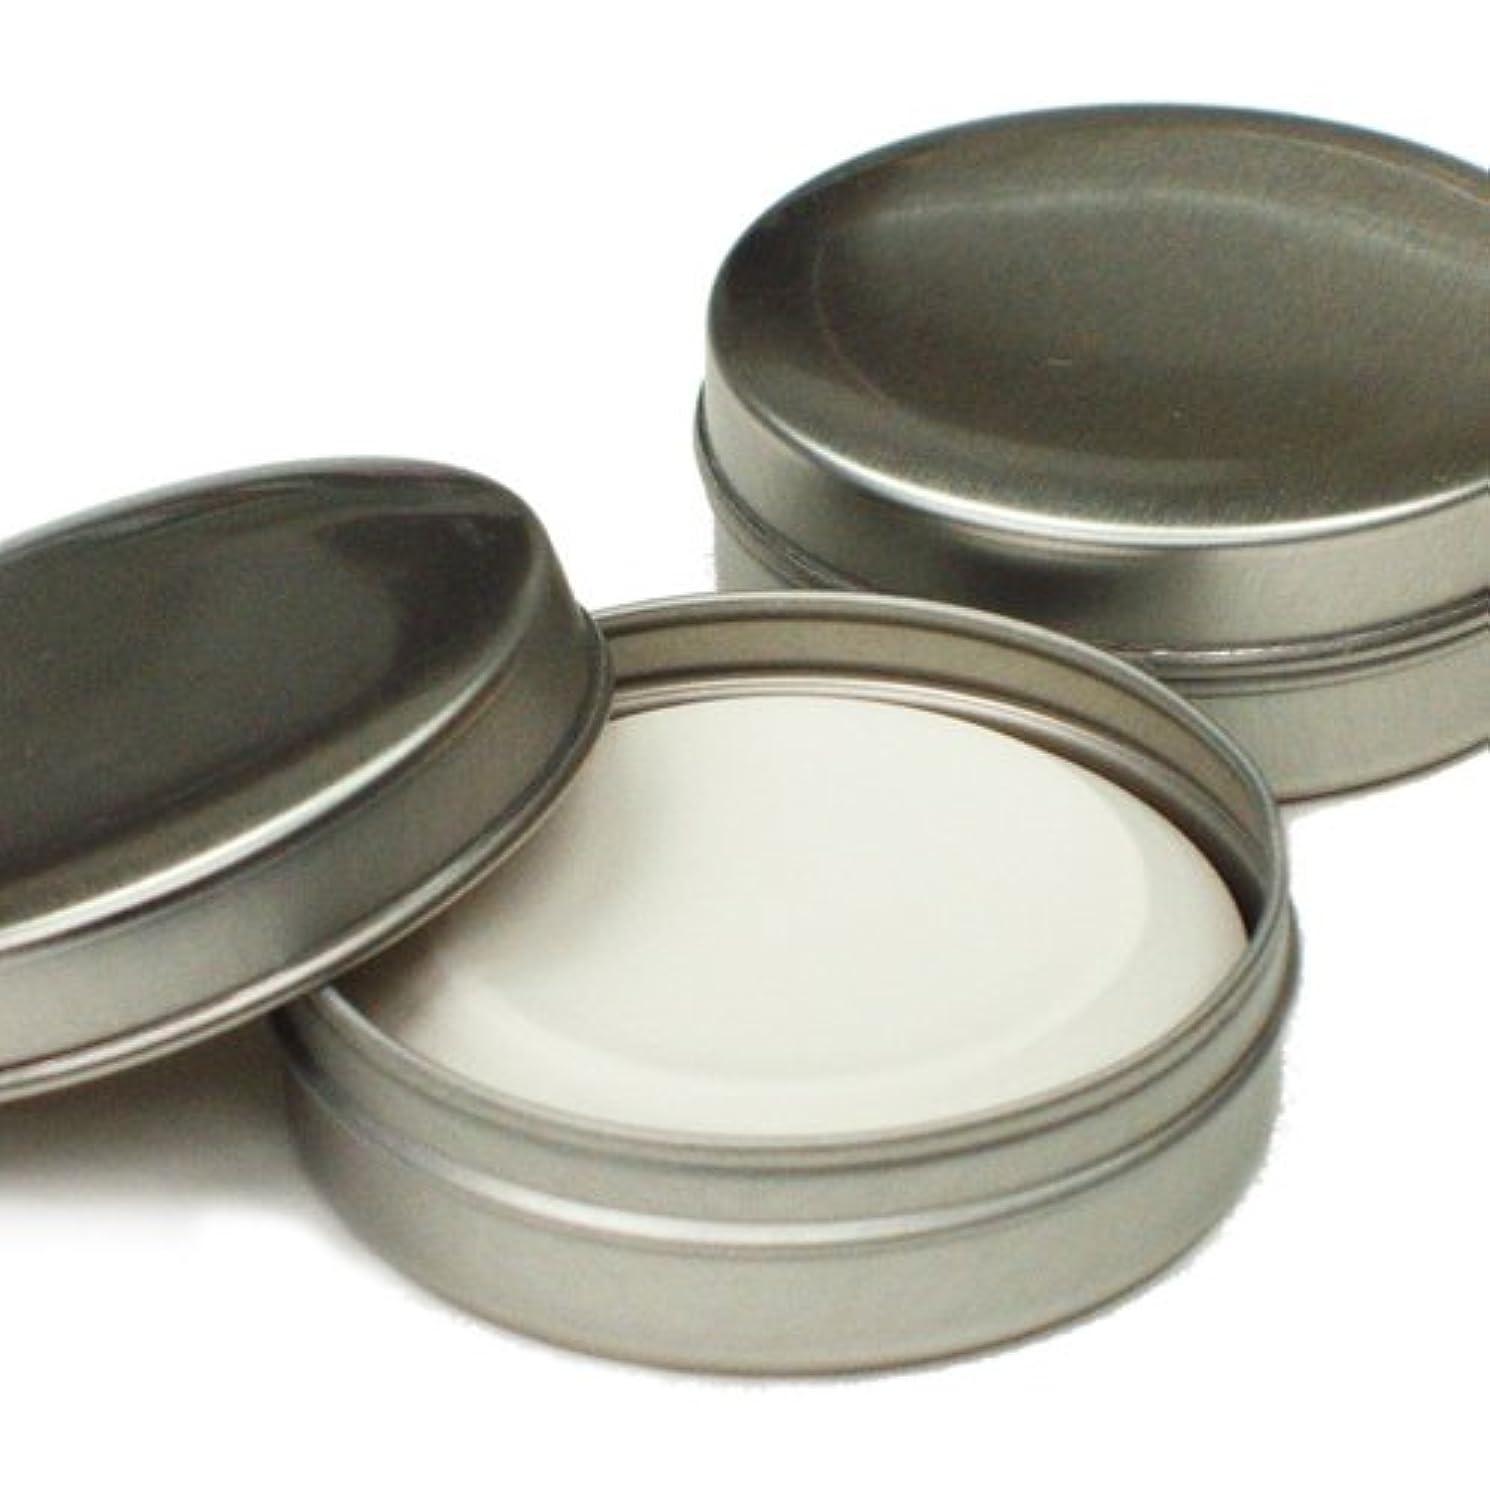 資産望まないヒロインアロマストーン アロマプレート アルミ缶入 2個セット 日本製 素焼き 陶器 アロマディフューザー